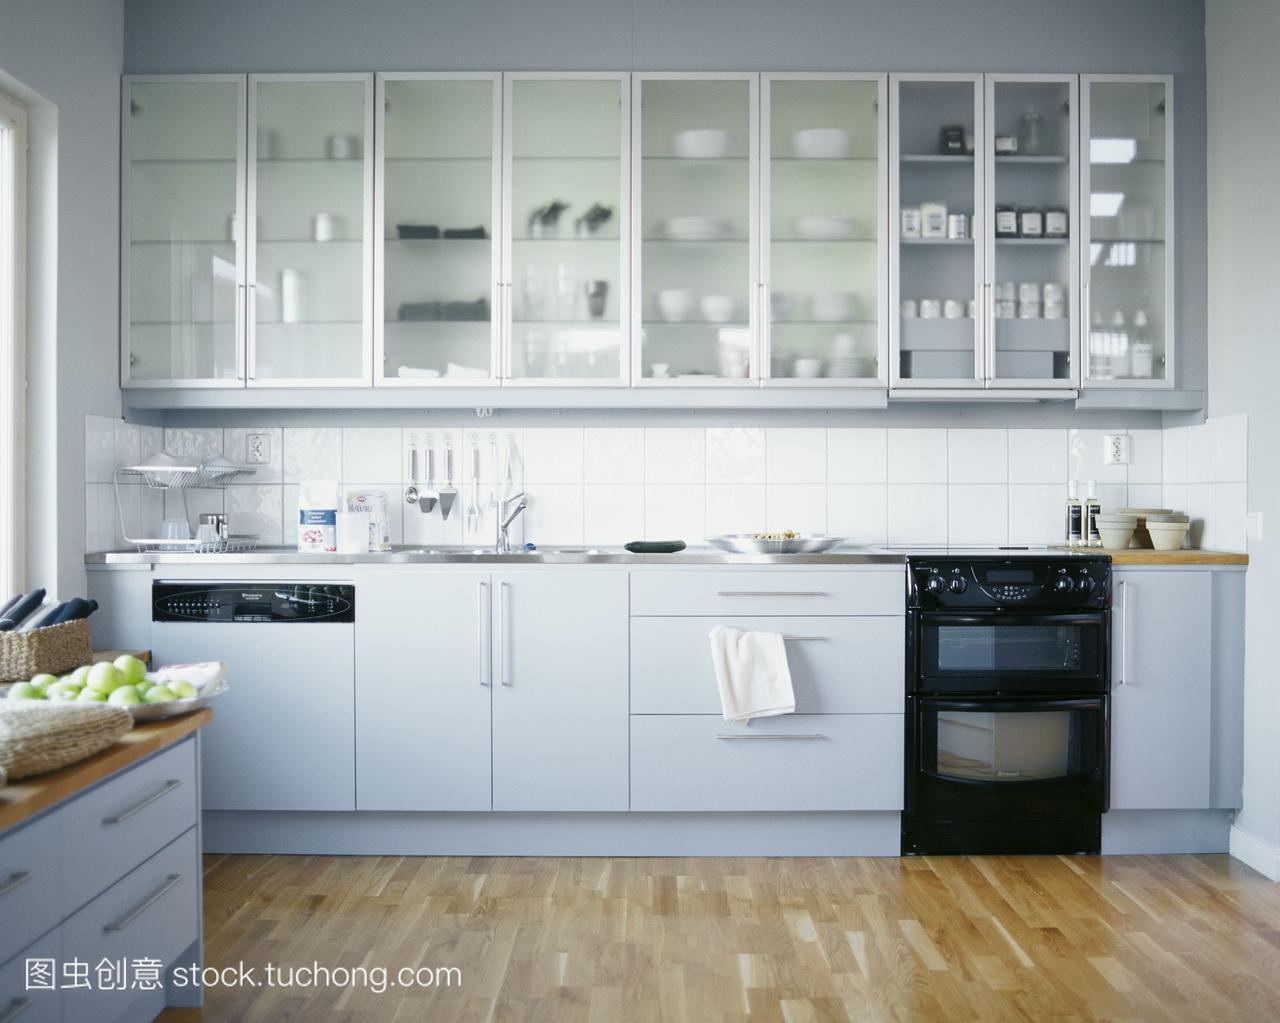 厨房,住区,无人,厨灶,住所炉灶,碗柜,壁橱,水槽,彩南昌哪有模具设计培训班图片